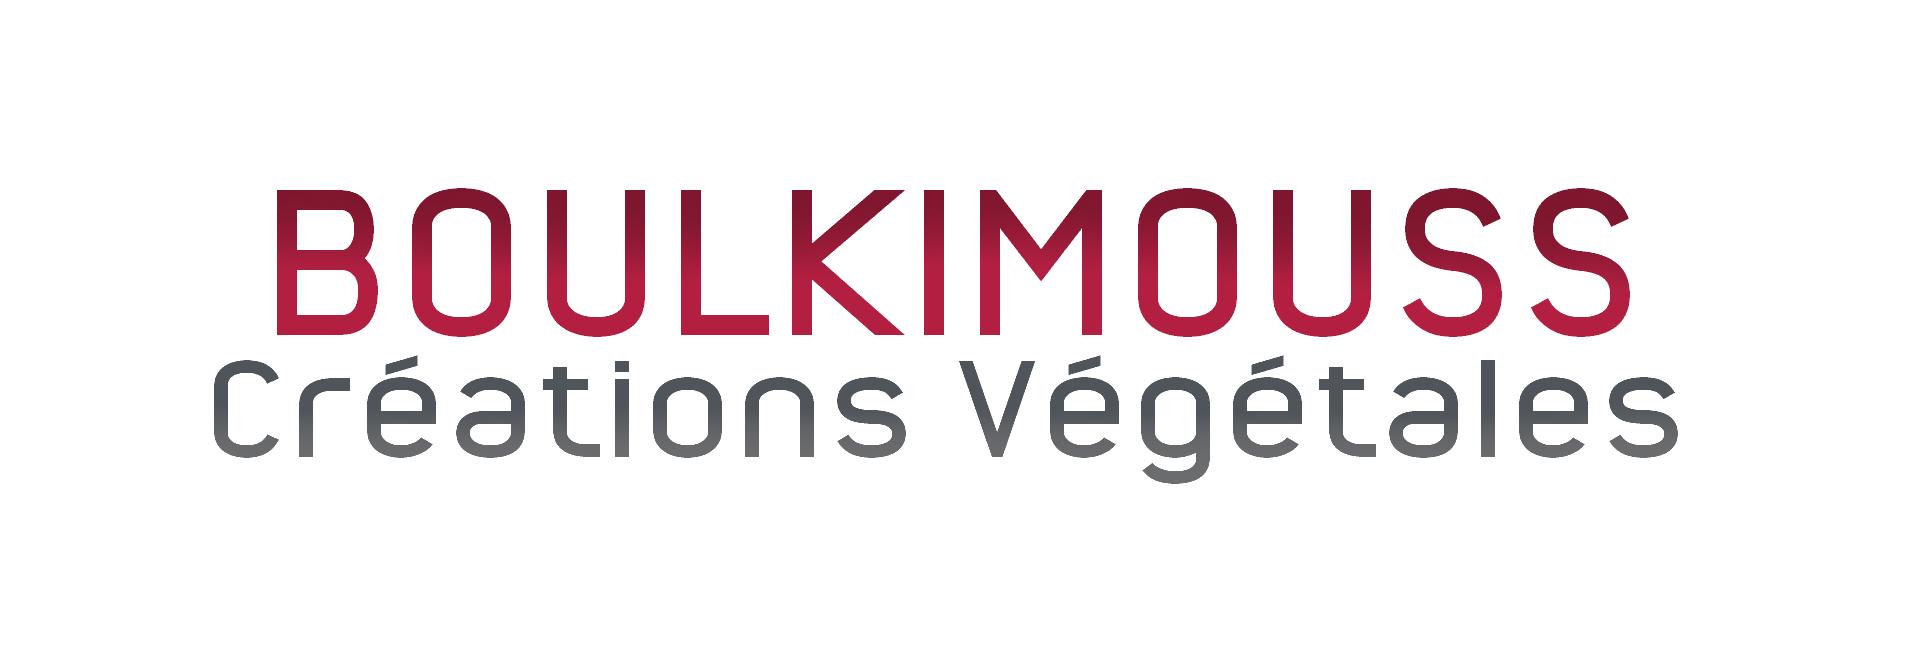 Boulkimouss